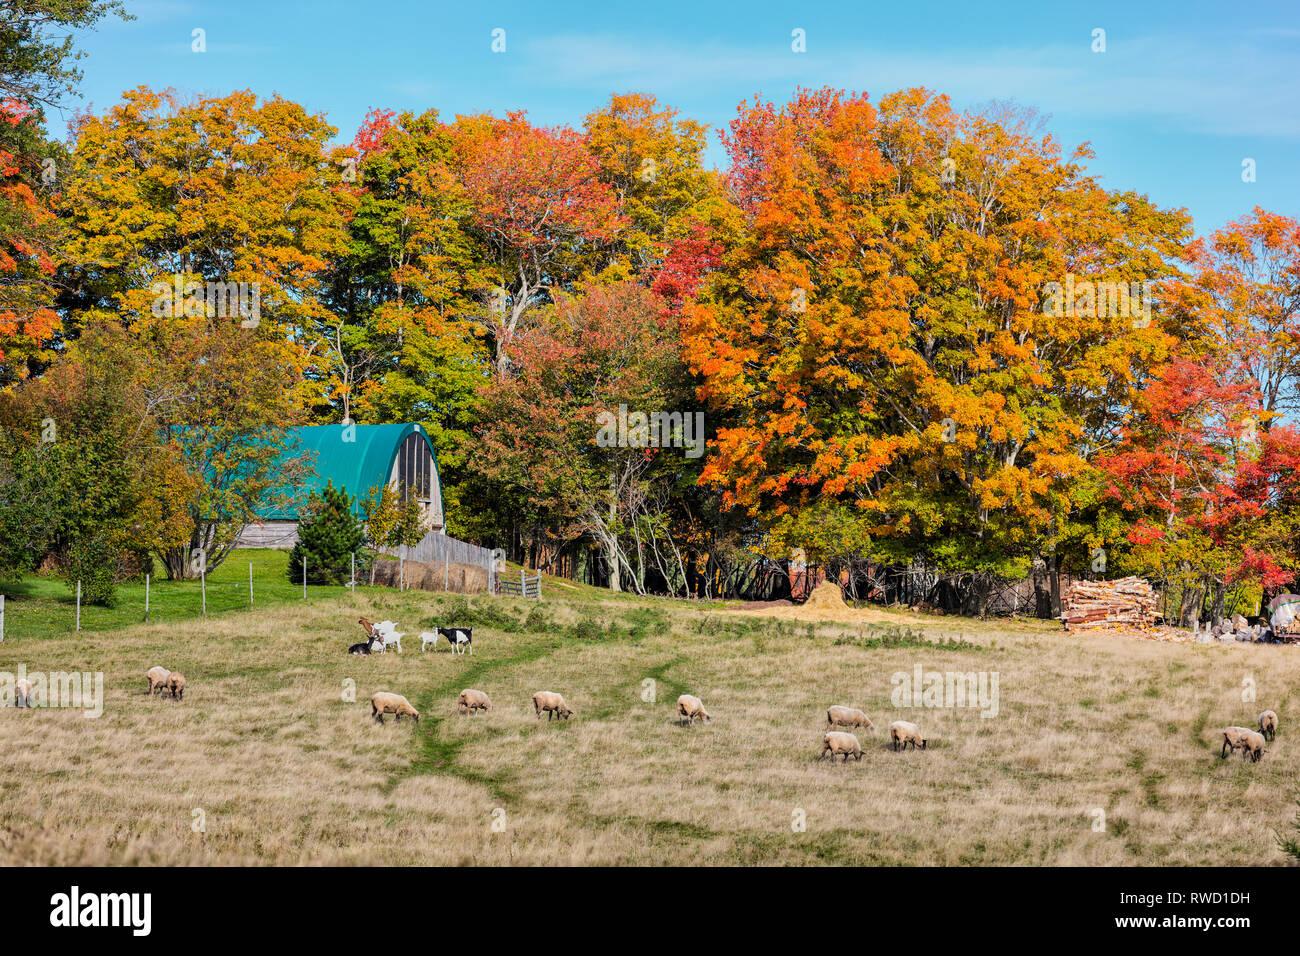 Le pâturage des moutons et des chèvres, Clyde River, Prince Edward Island, Canada Banque D'Images